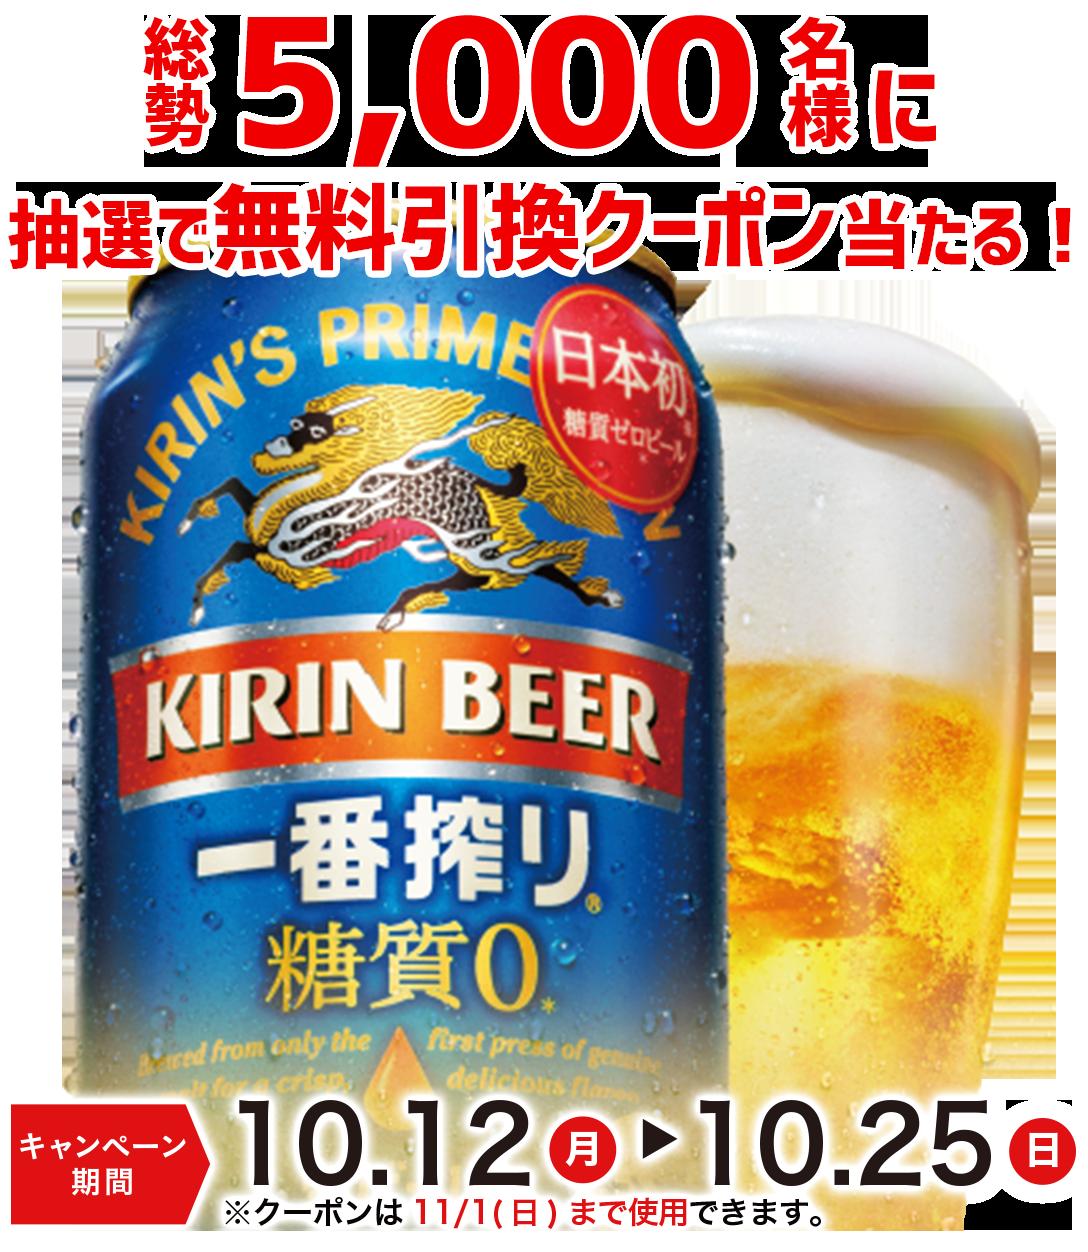 セイコーマートでキリン一番搾り 糖質0が抽選で5000名にその場で当たる。~10/25。